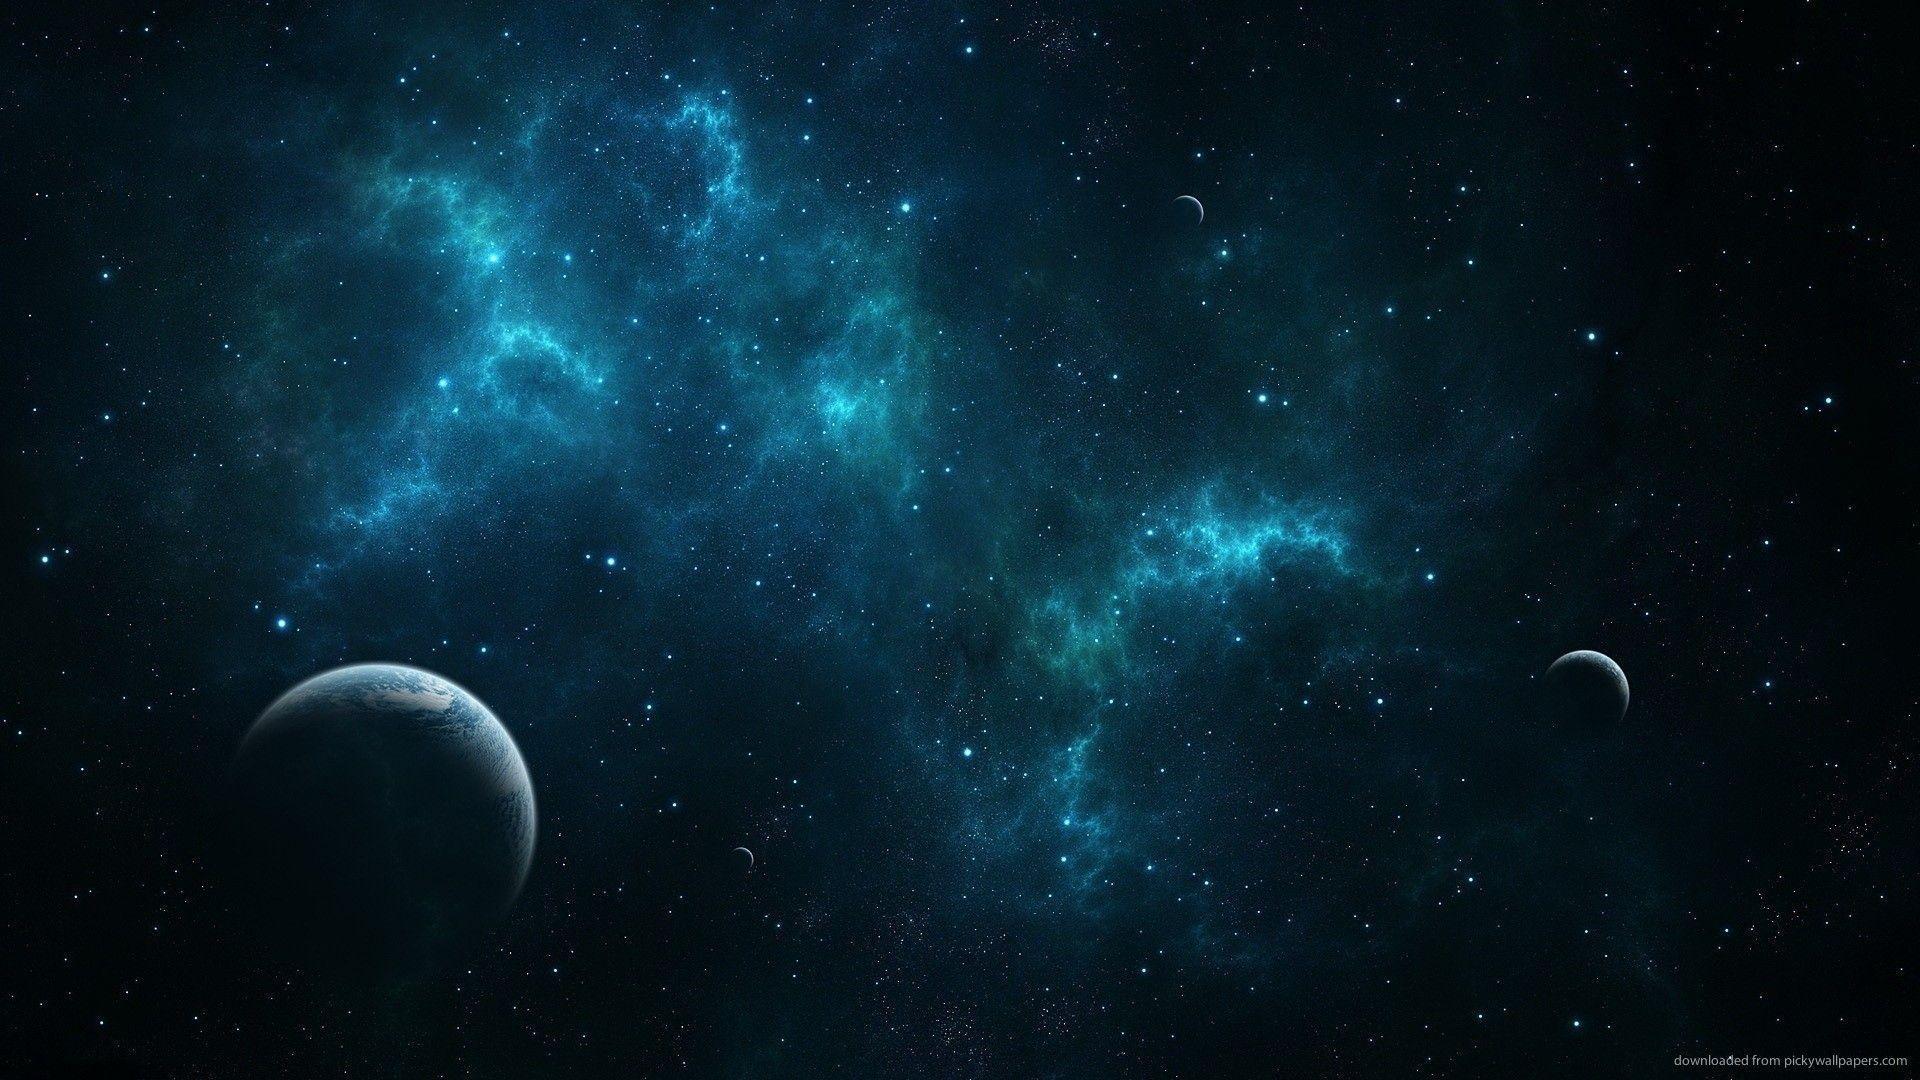 HD Deep Blue Space Wallpaper